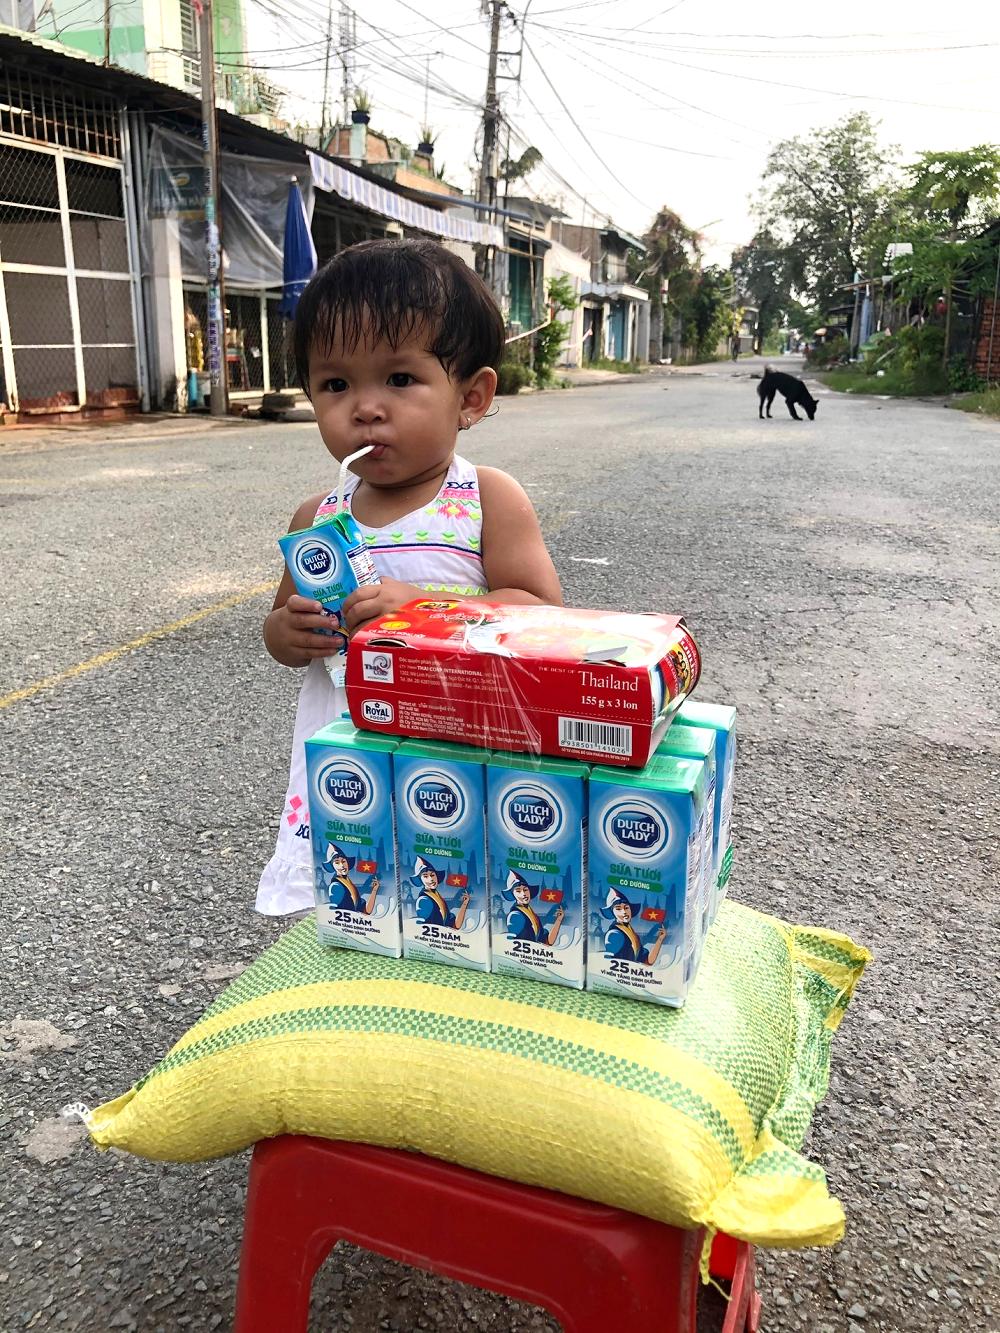 Trẻ nhỏ tại khu bến đò Bình Mỹ (ấp 1, xã Bình Mỹ, huyện Củ Chi, TPHCM) phần lớn là dân tộc Khơ-me cóhoàn cảnh rất khó khăn, thiếu thốn. Nhận được sữa, nhiều bé khui ra uống tại chỗ vì đã lâu rồi chưa được uống - Ảnh: CGHL